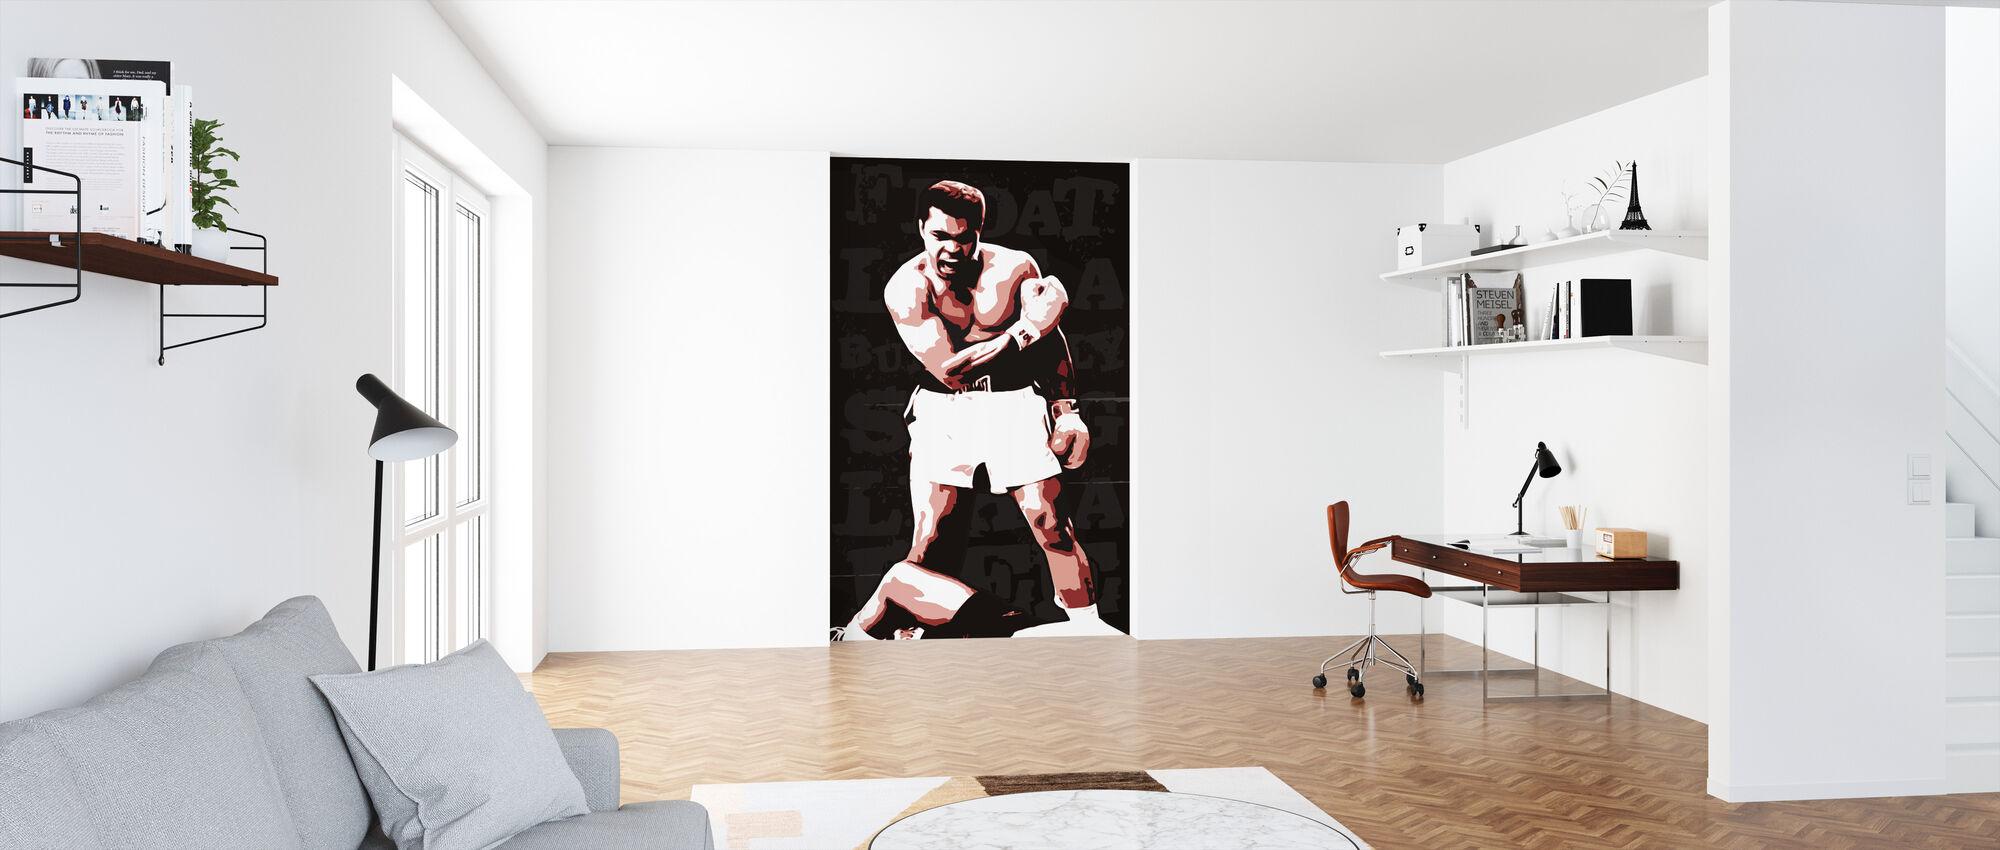 Ali - Wallpaper - Office